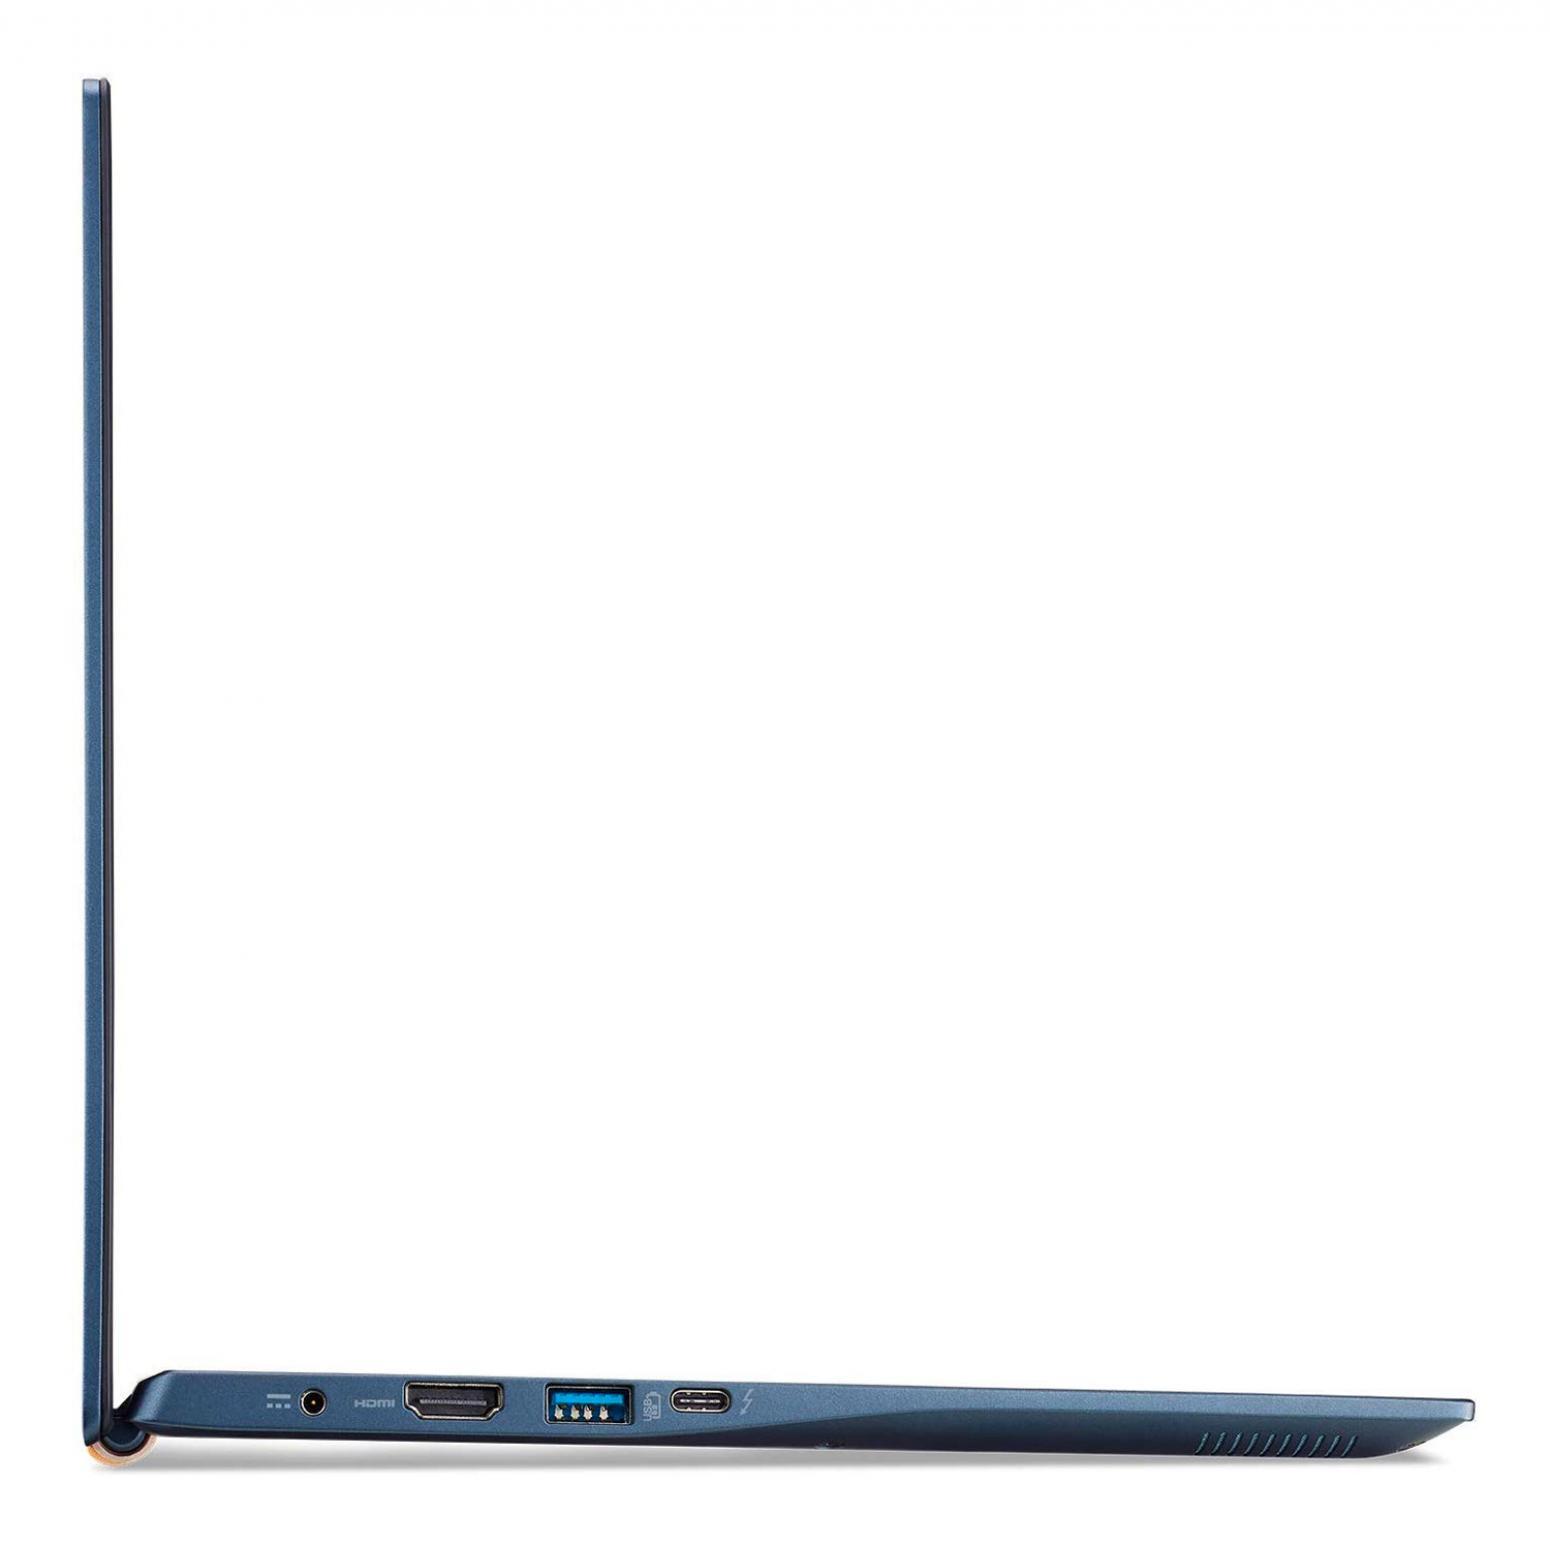 Ordinateur portable Acer Swift 5 SF514-54GT-75RM Bleu - Tactile, MX350 - photo 5